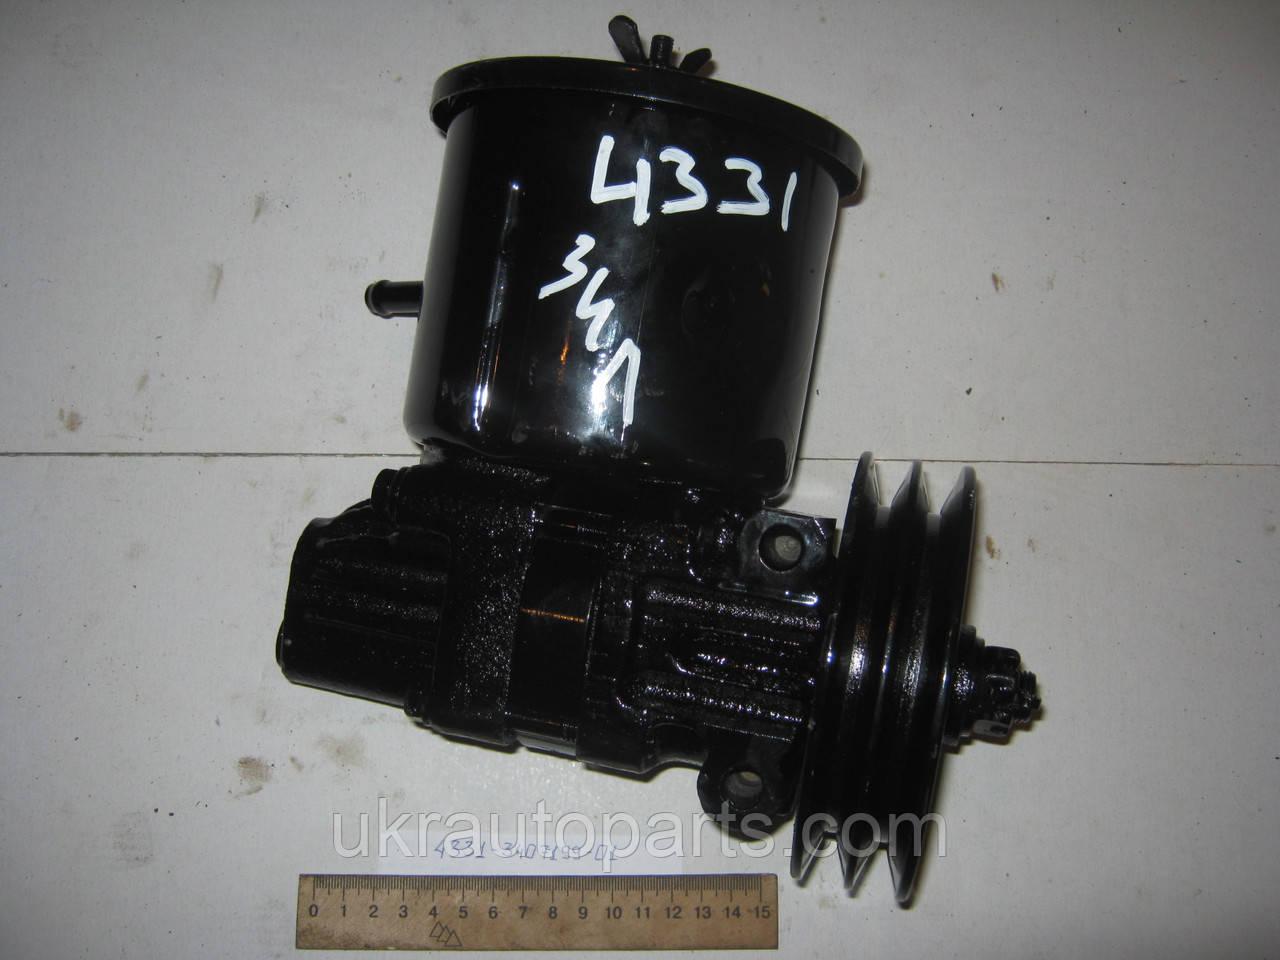 Насос ГУР ЗІЛ 4331 Двиг. 645 з бачком шківом (Авторемонтний Автоагрегатний Завод) Refurbished (4331-3407199-01 (ААЗ))